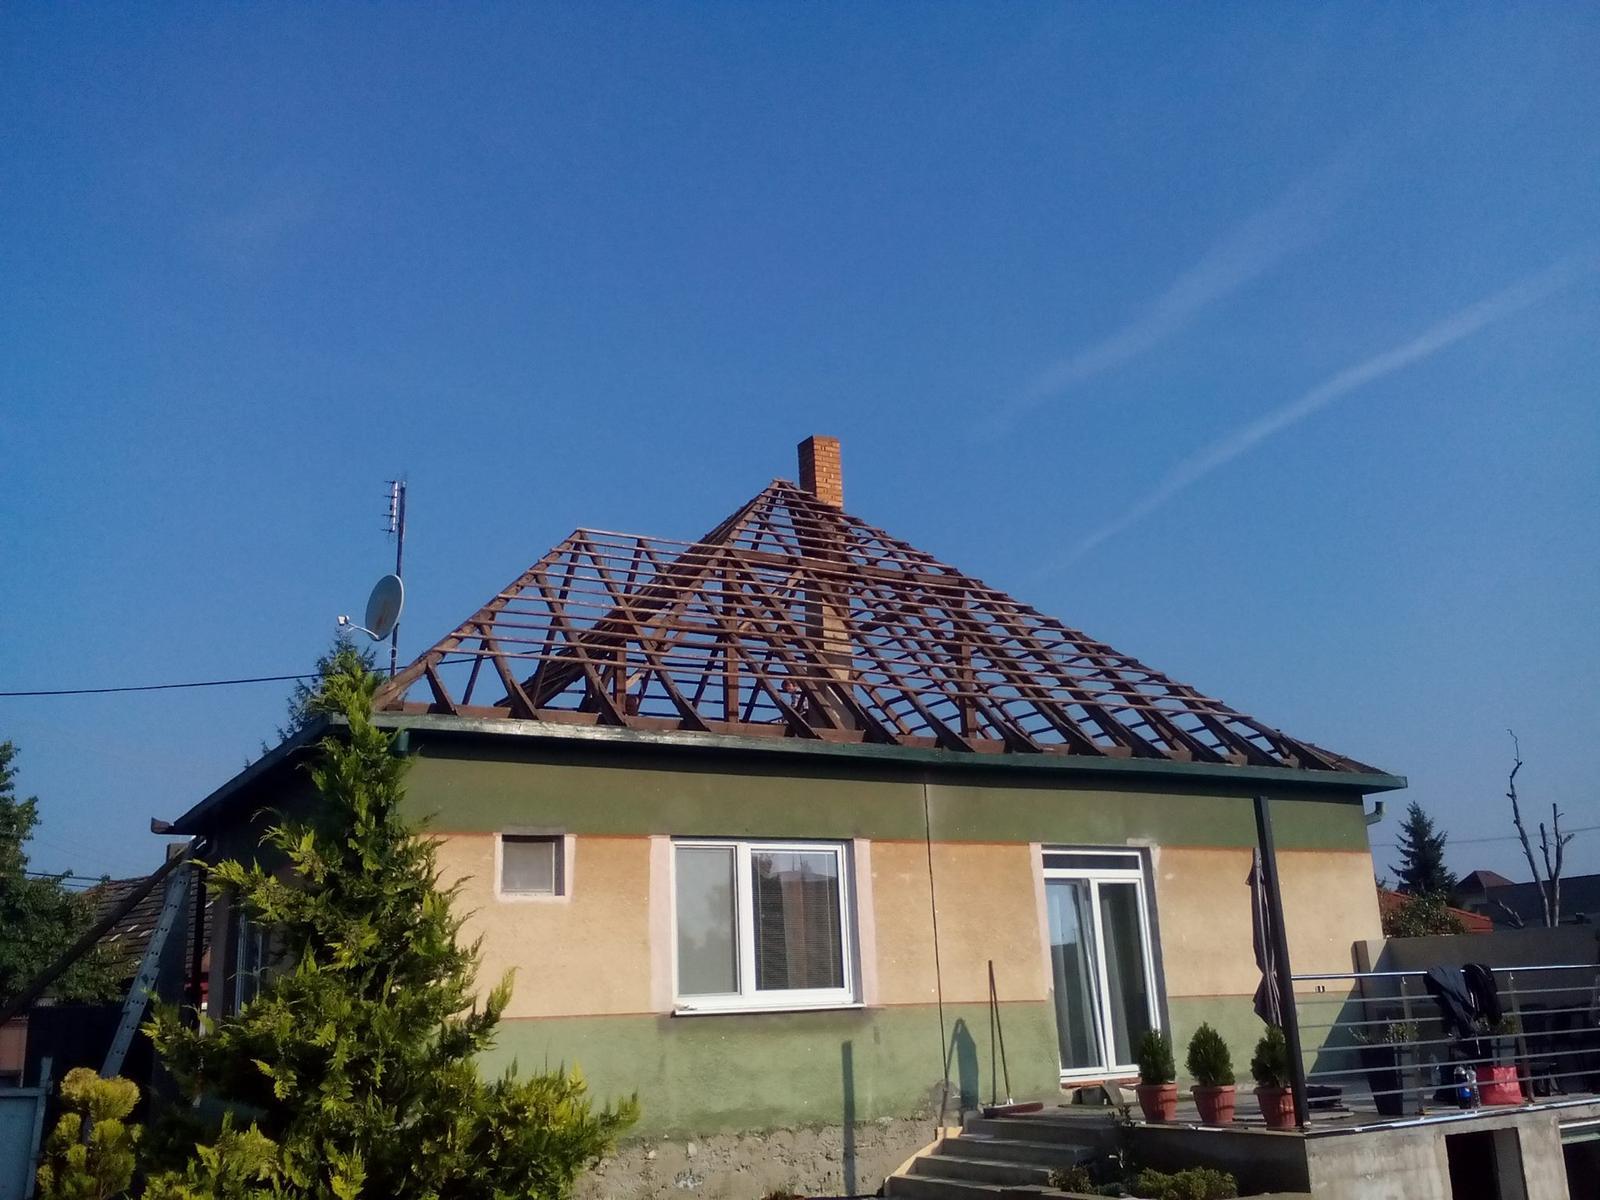 Premena nášho domu - Stará strecha ide dole